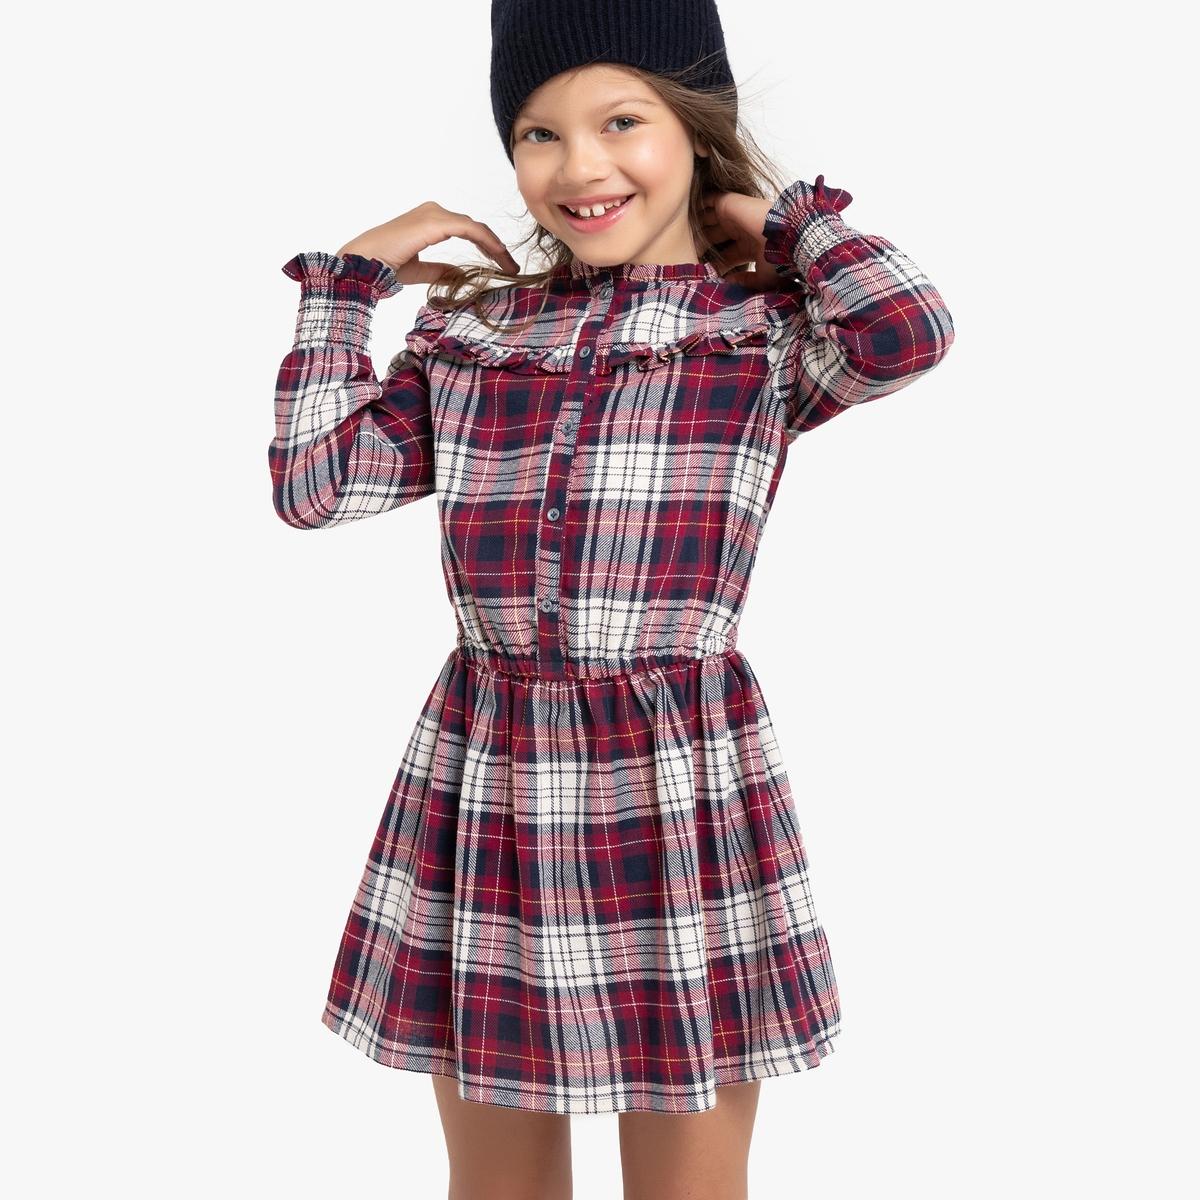 Платье La Redoute С длинными рукавами в клетку 12 лет -150 см другие платье la redoute с длинными рукавами с цветочным принтом 12 лет 150 см другие